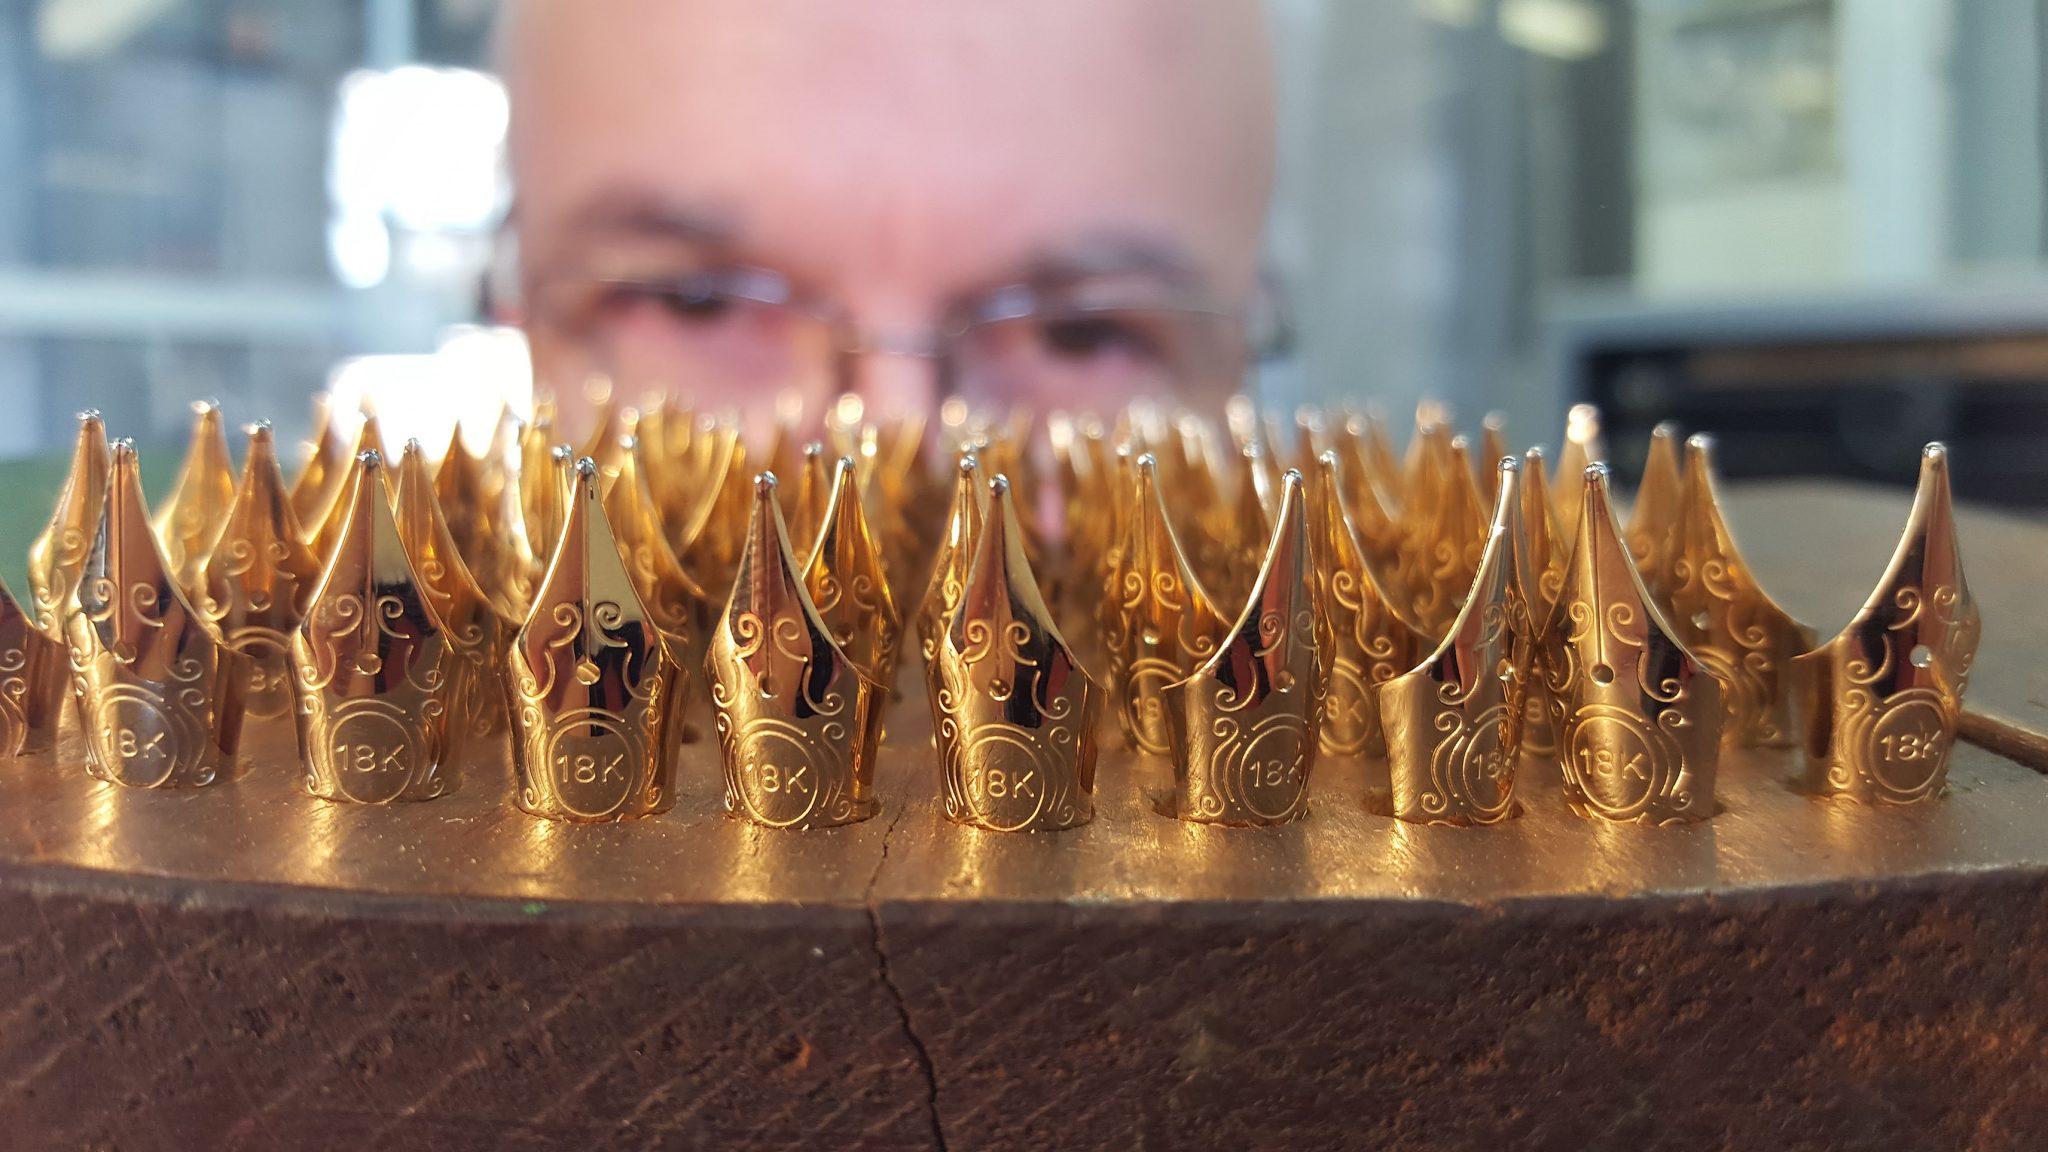 Dei pennini prodotti da Aurora Penne